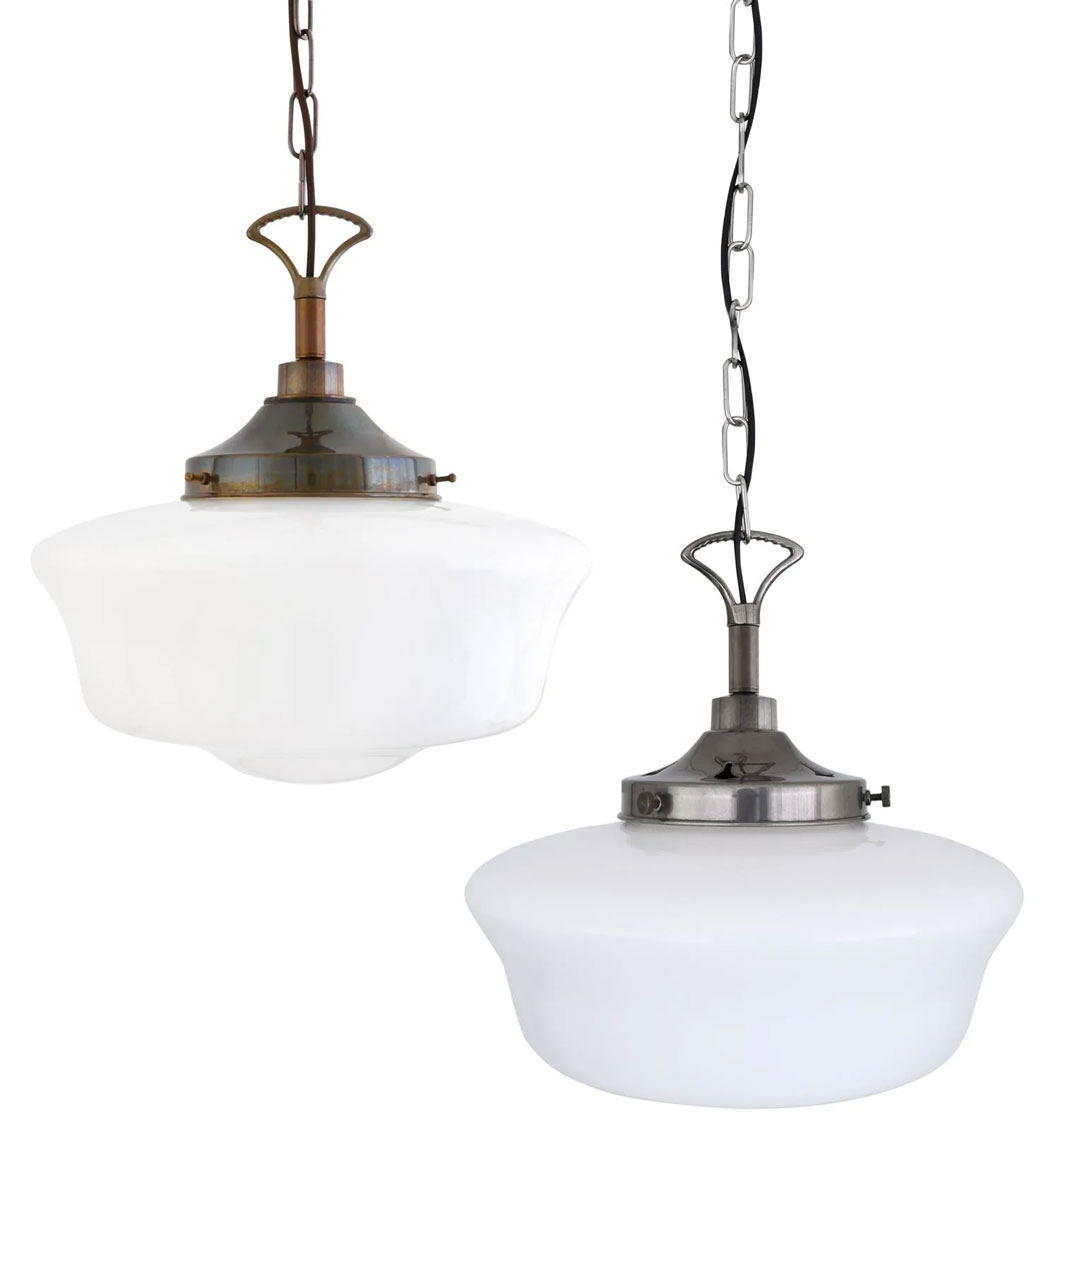 vintage schoolhouse style duplex glass light pendant suitable for bathrooms